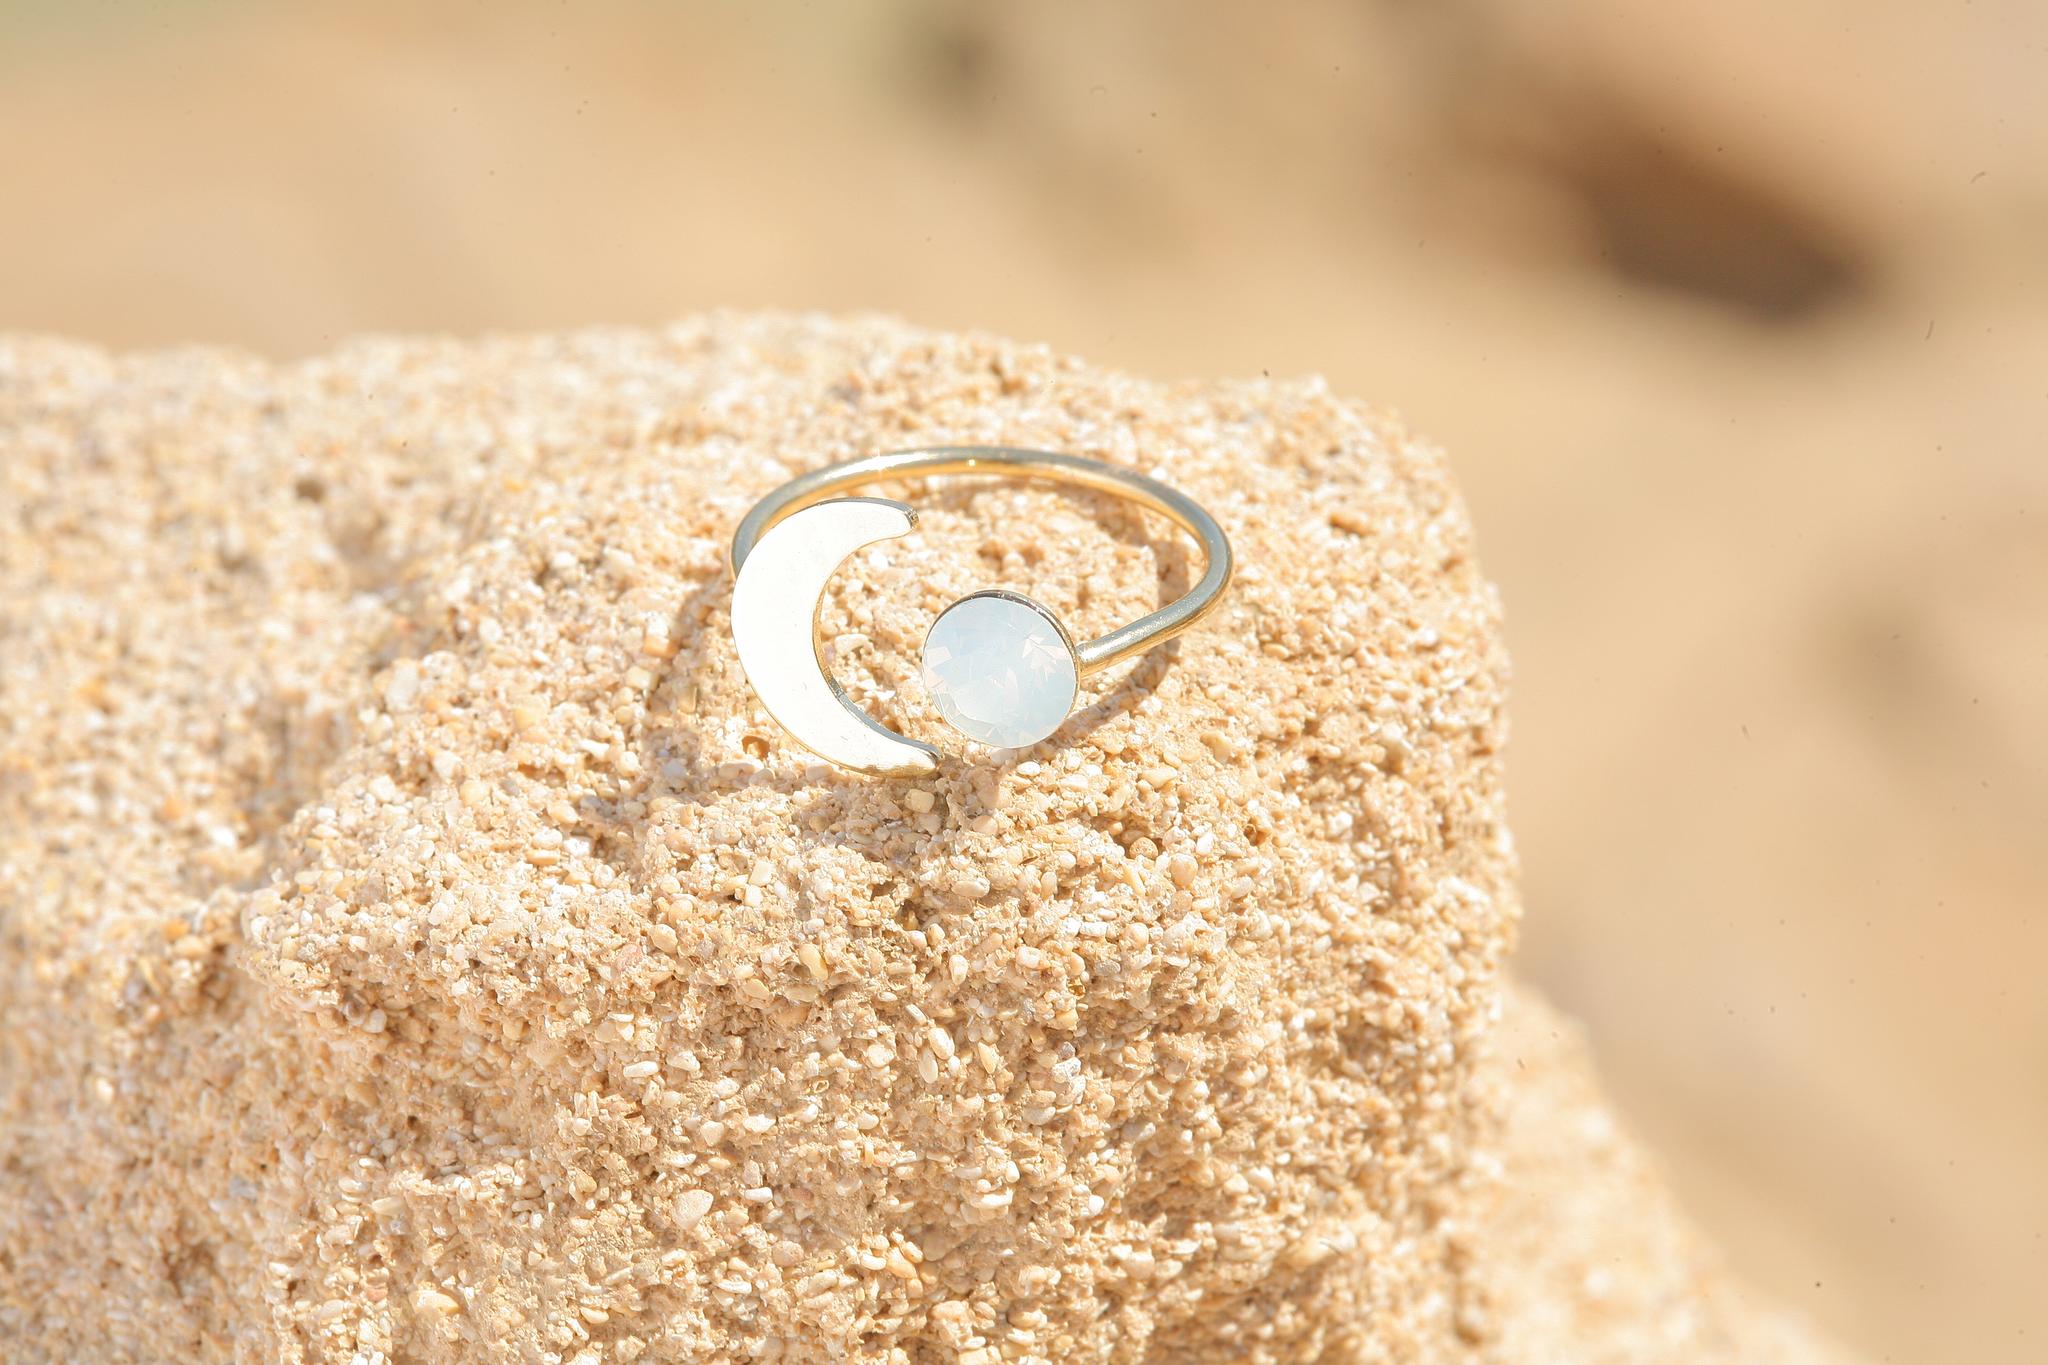 artjany goldener Halbmond Ring mit einem Kristall in white opal